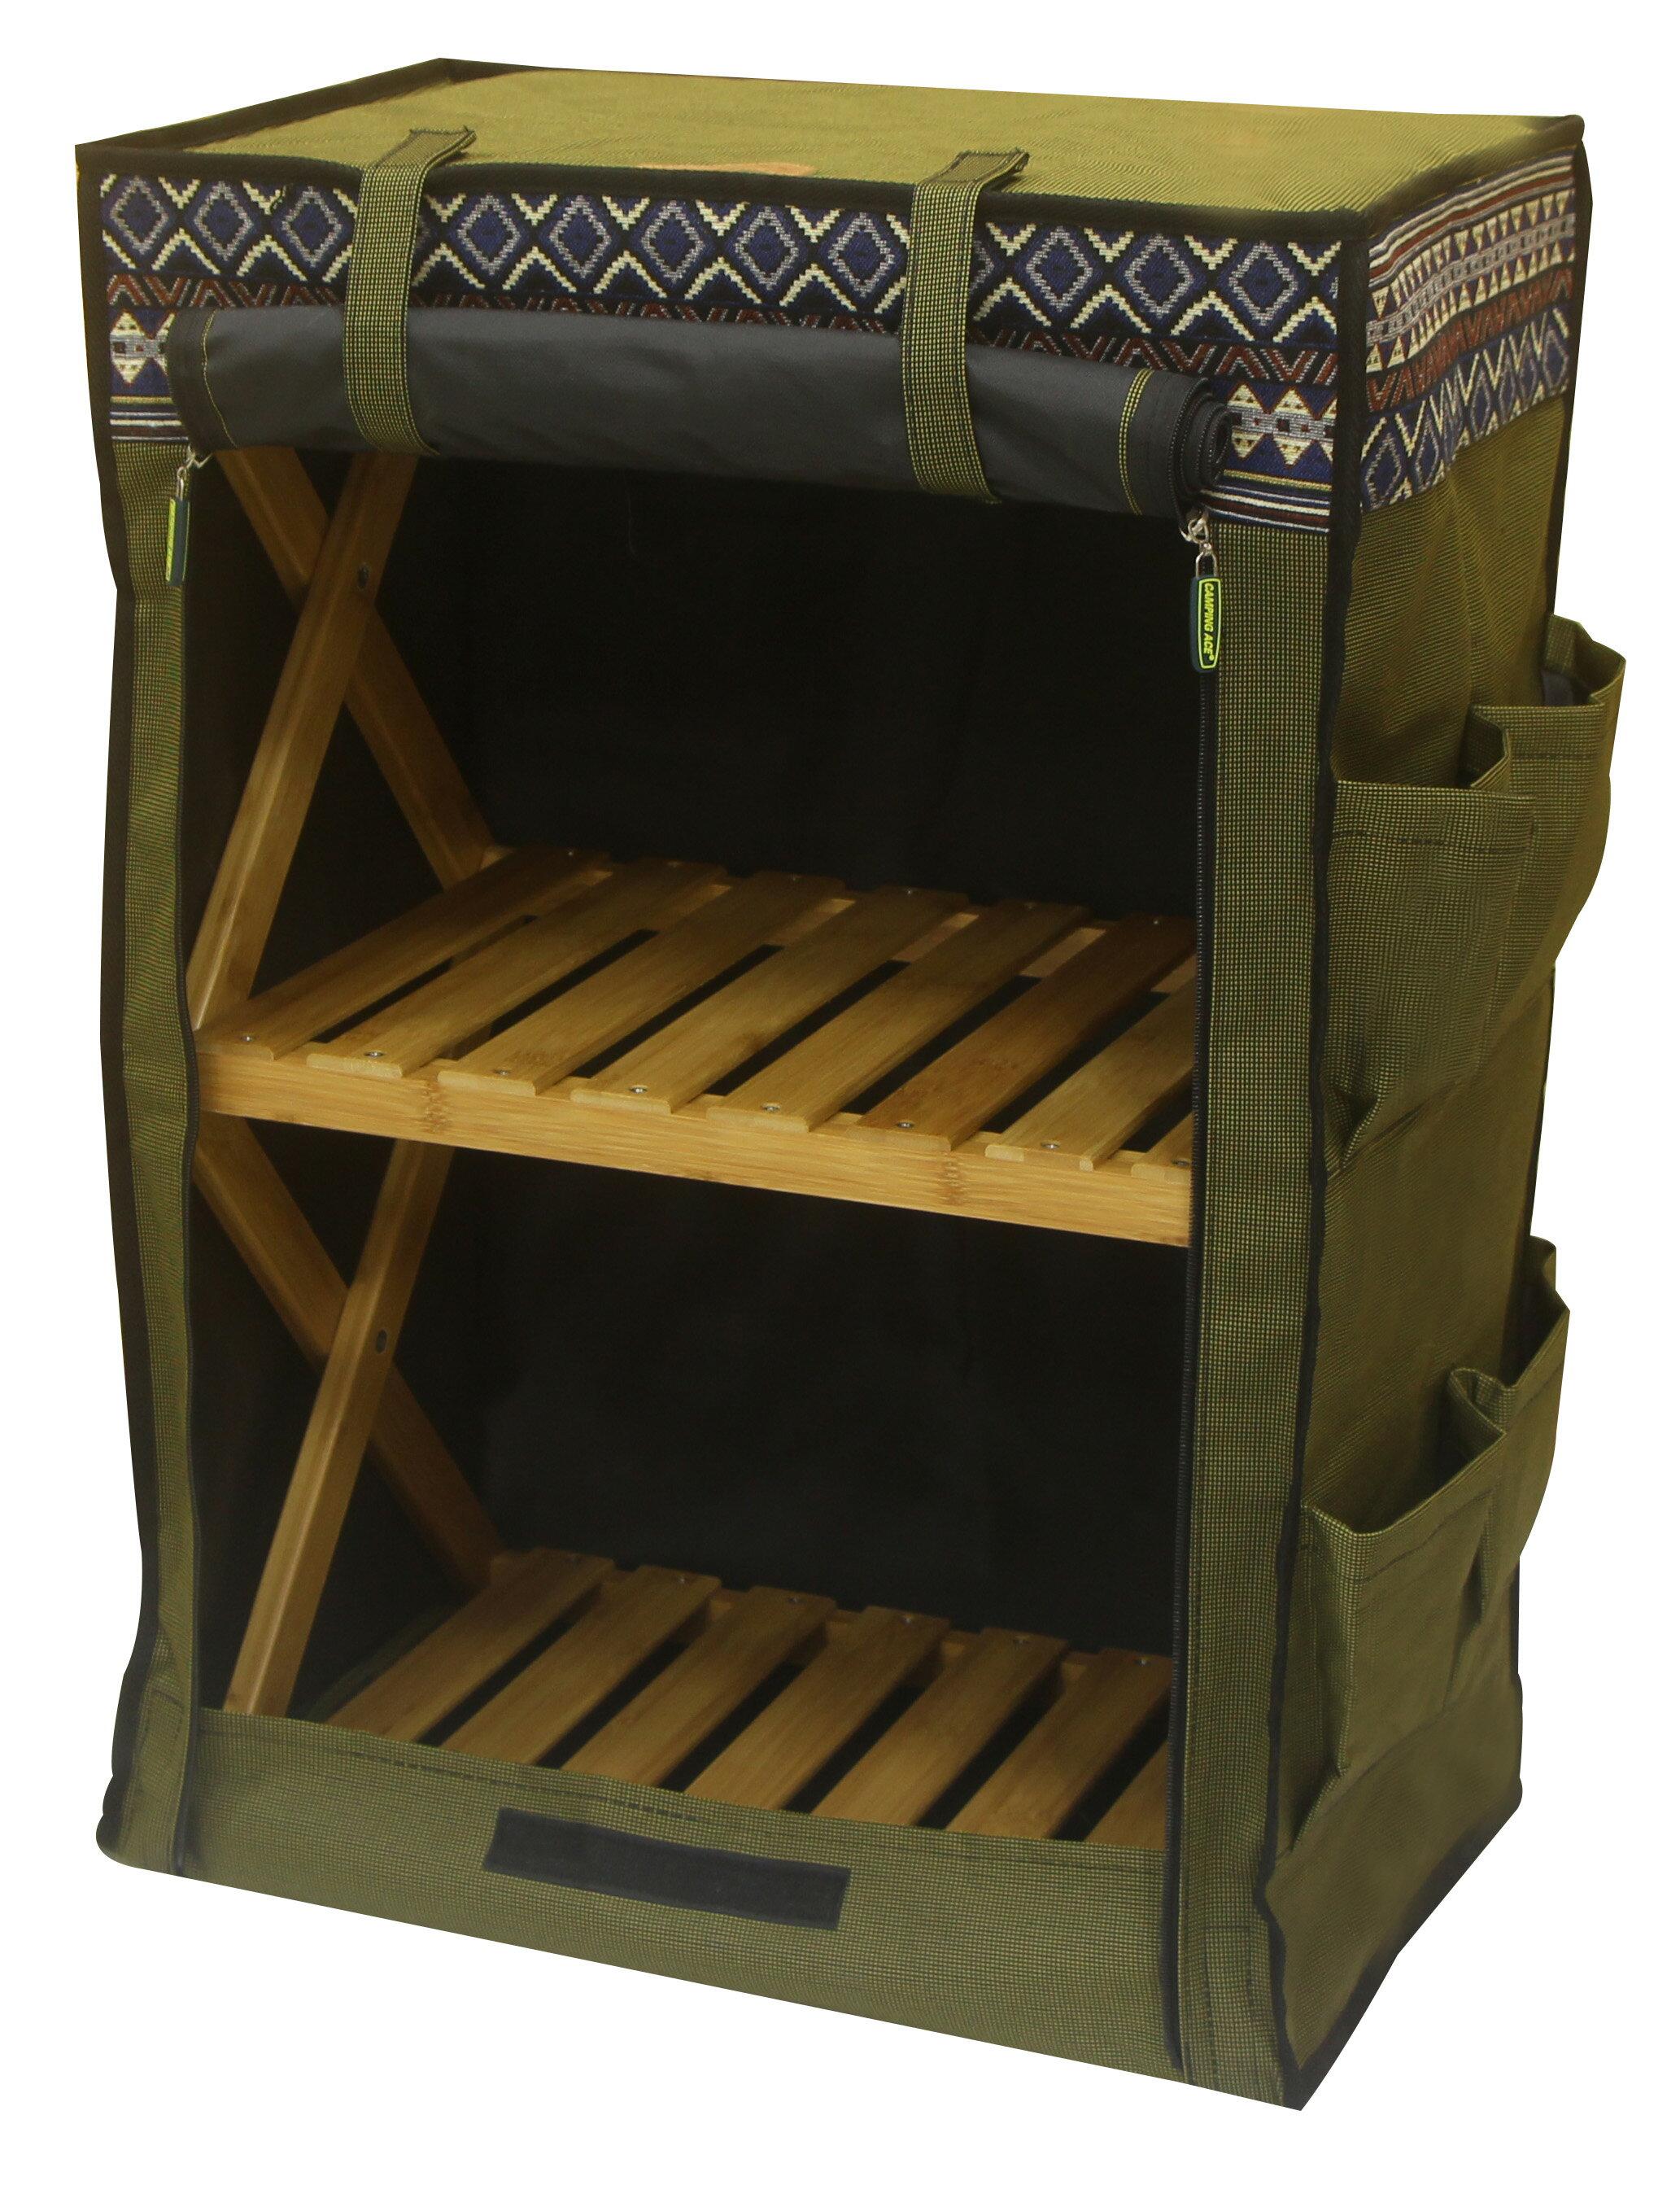 野樂伸縮三層竹架布袋,布袋下方有魔鬼氈設計 ARC-109-3C 野樂 Camping Ace 0